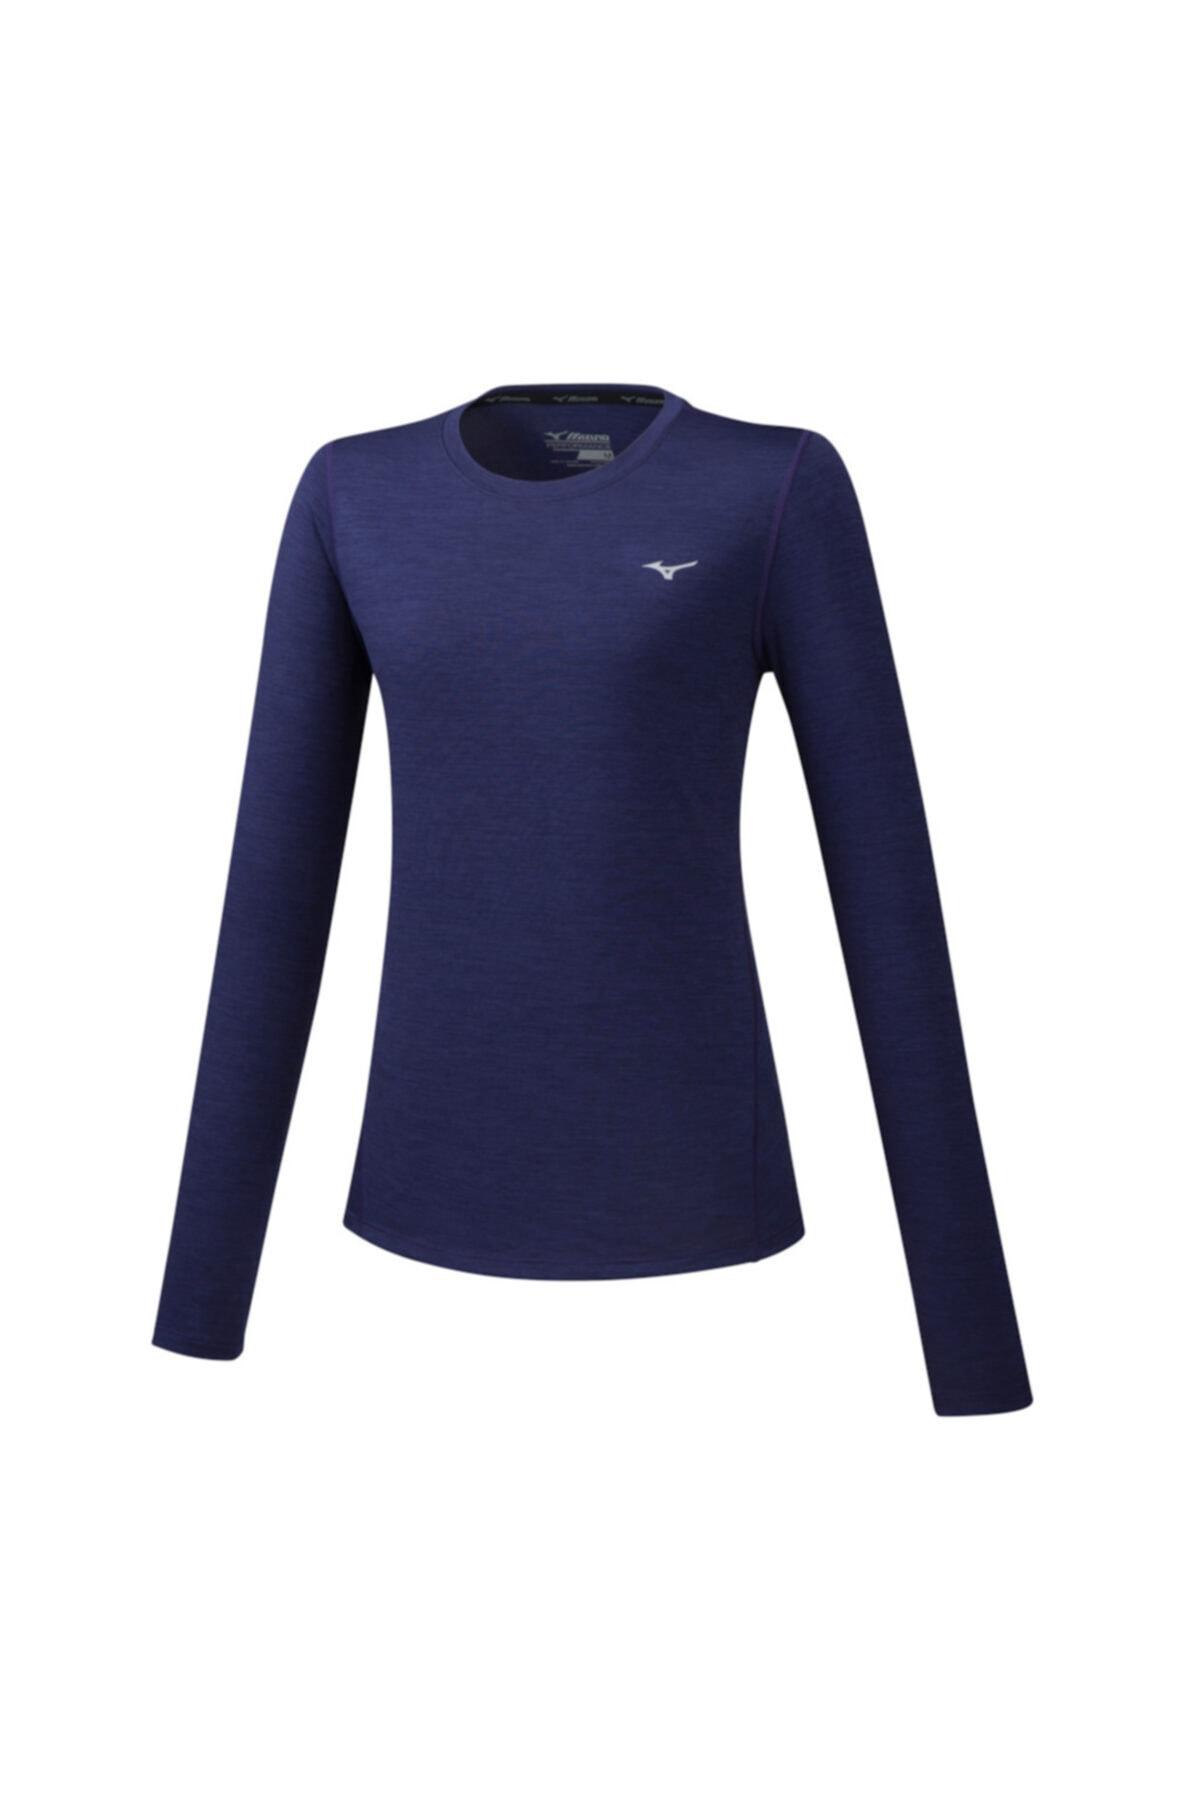 MIZUNO Impulse Core Ls Tee Kadın T-shirt Lacivert 1